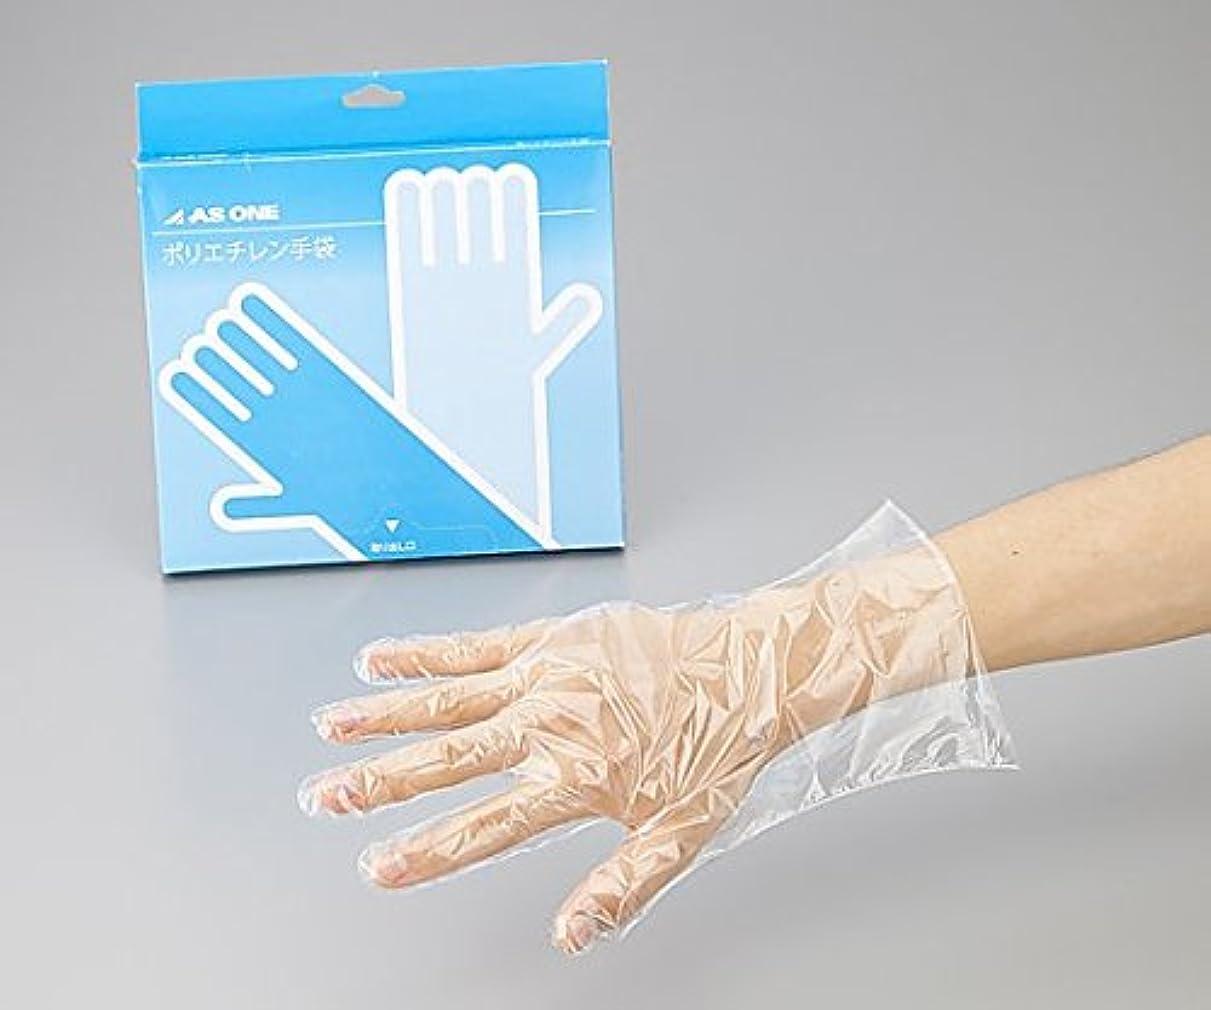 トムオードリース鰐習熟度アズワン2-4973-03ポリエチレン手袋スタンダード標準厚S100枚入